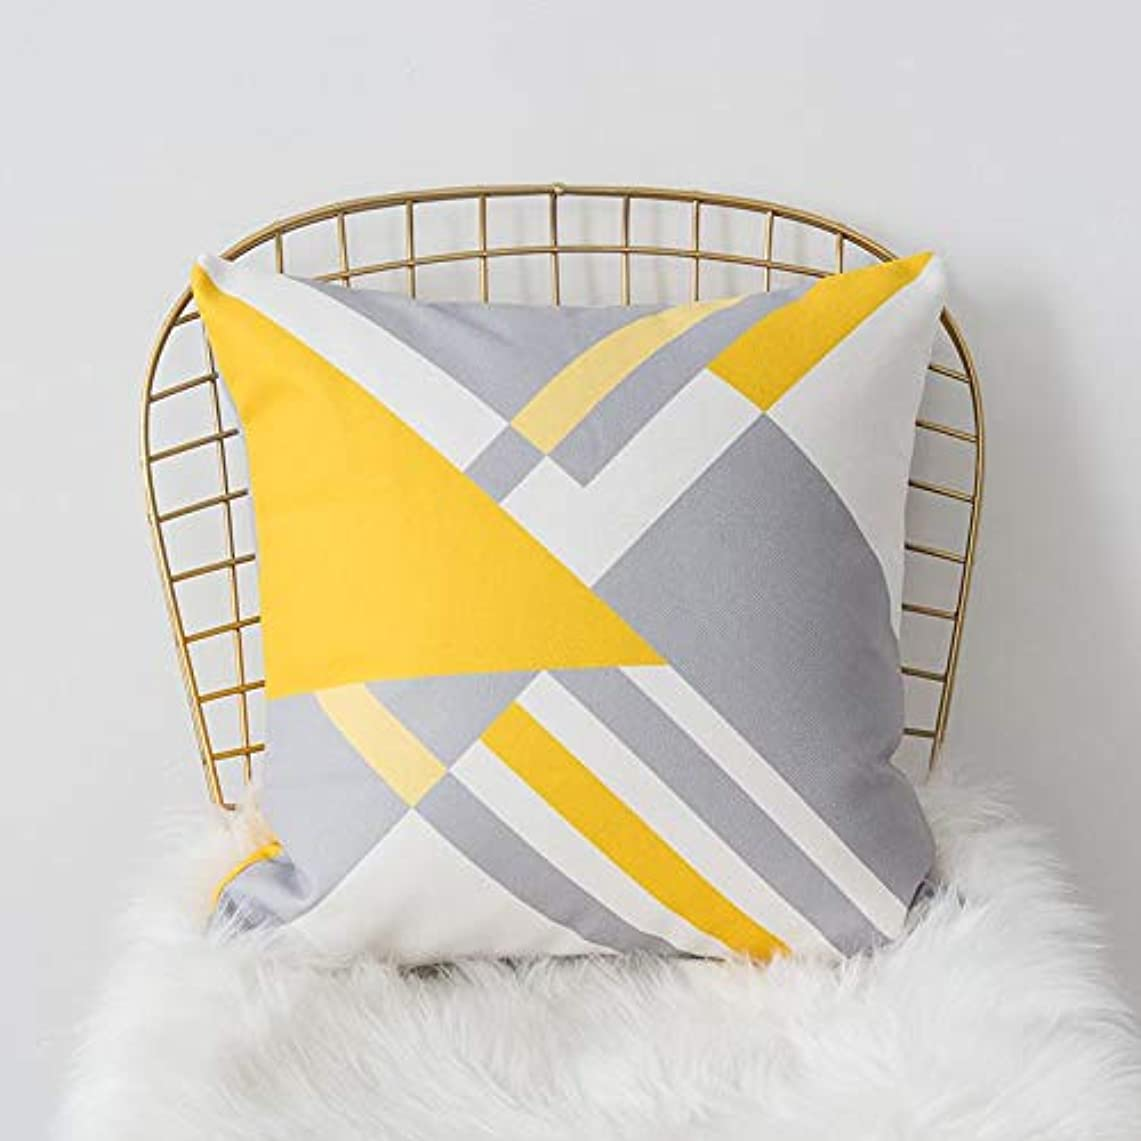 自動的にブースマグSMART 黄色グレー枕北欧スタイル黄色ヘラジカ幾何枕リビングルームのインテリアソファクッション Cojines 装飾良質 クッション 椅子